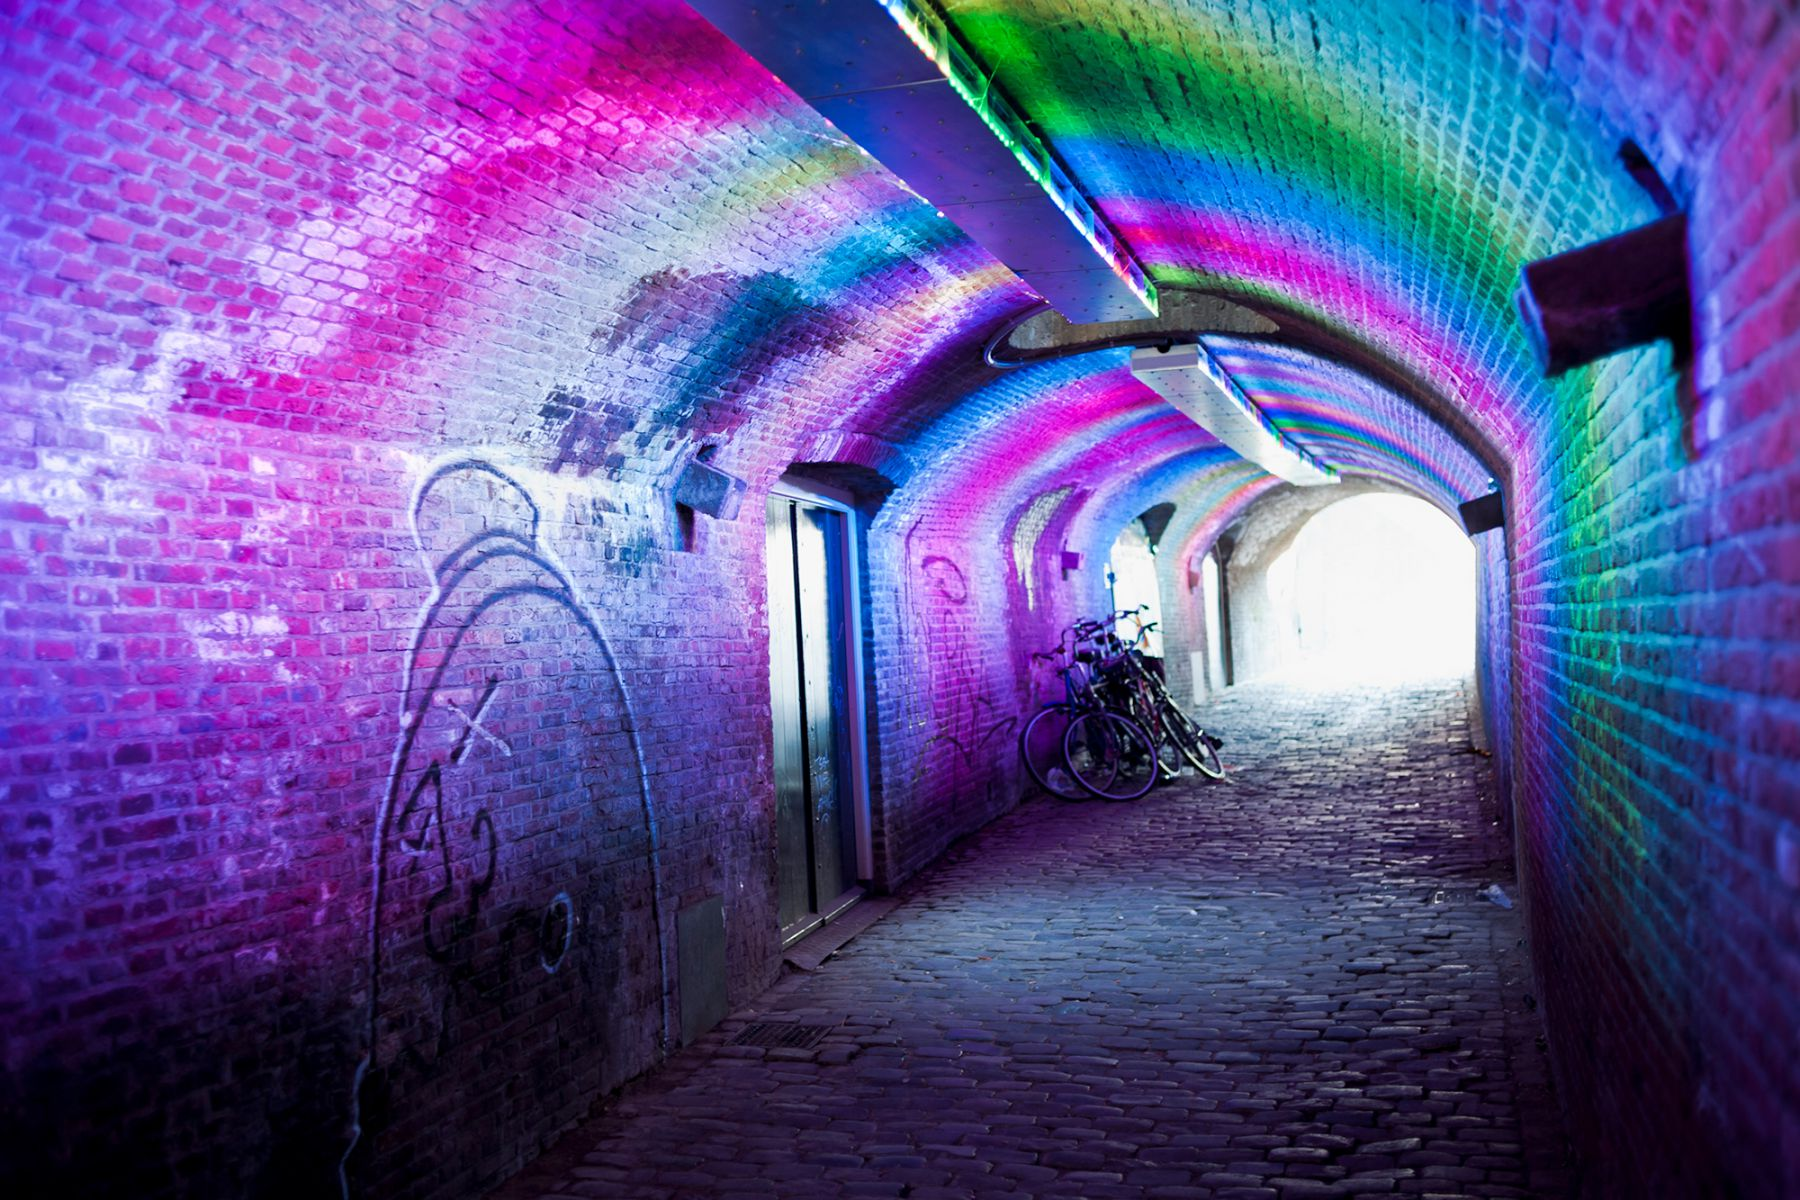 De tunnel van de Ganzenmarkt